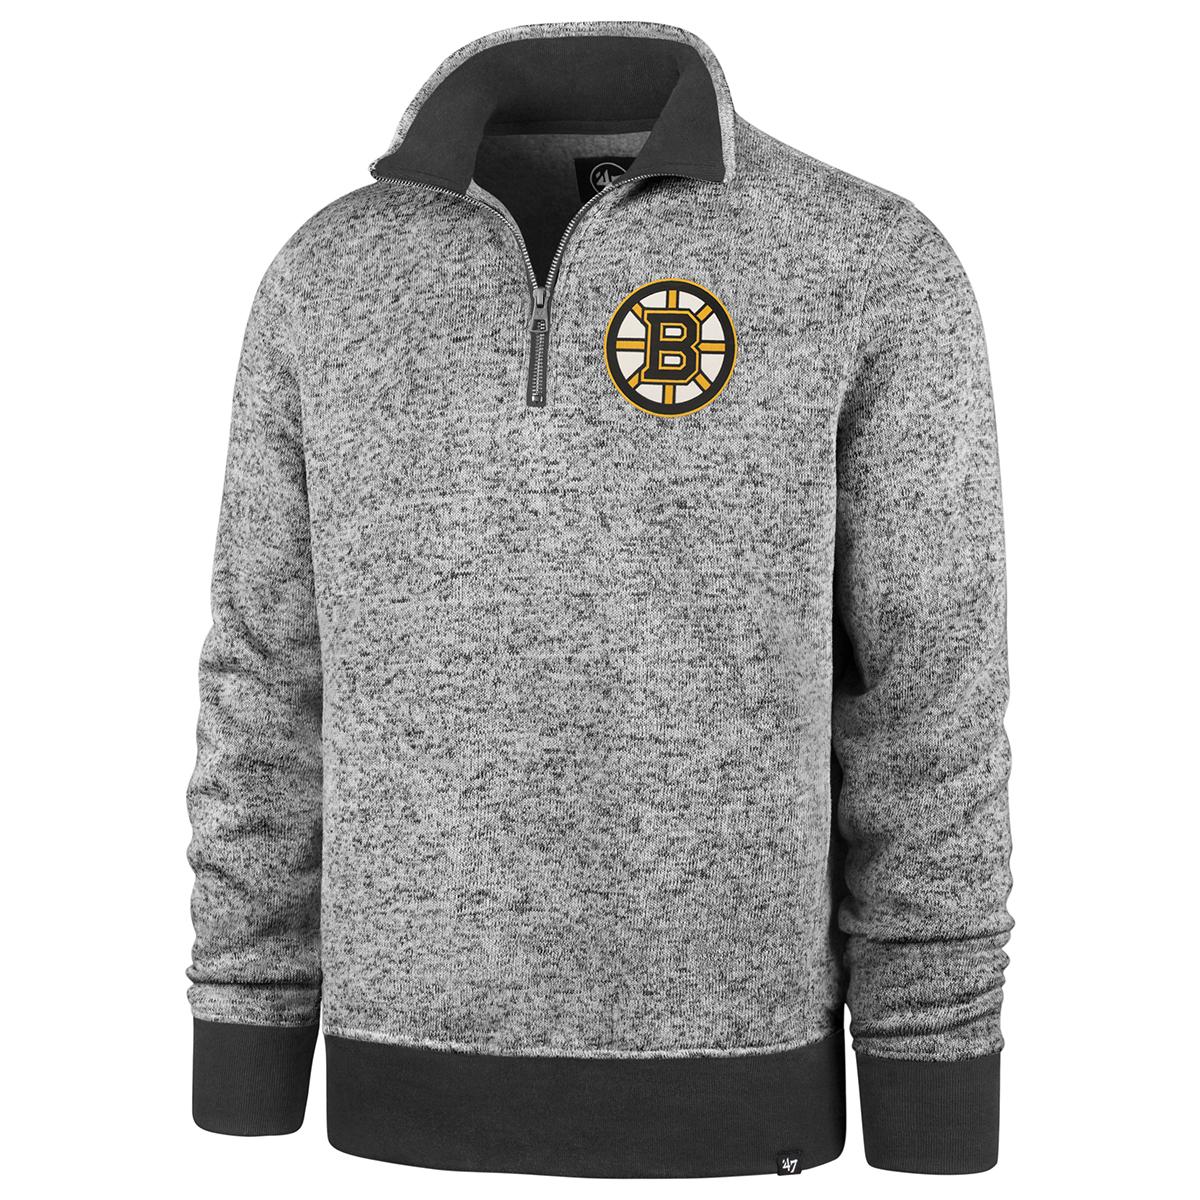 Boston Bruins Men's Encore Kodiak Quarter Zip Fleece - Black, XXL